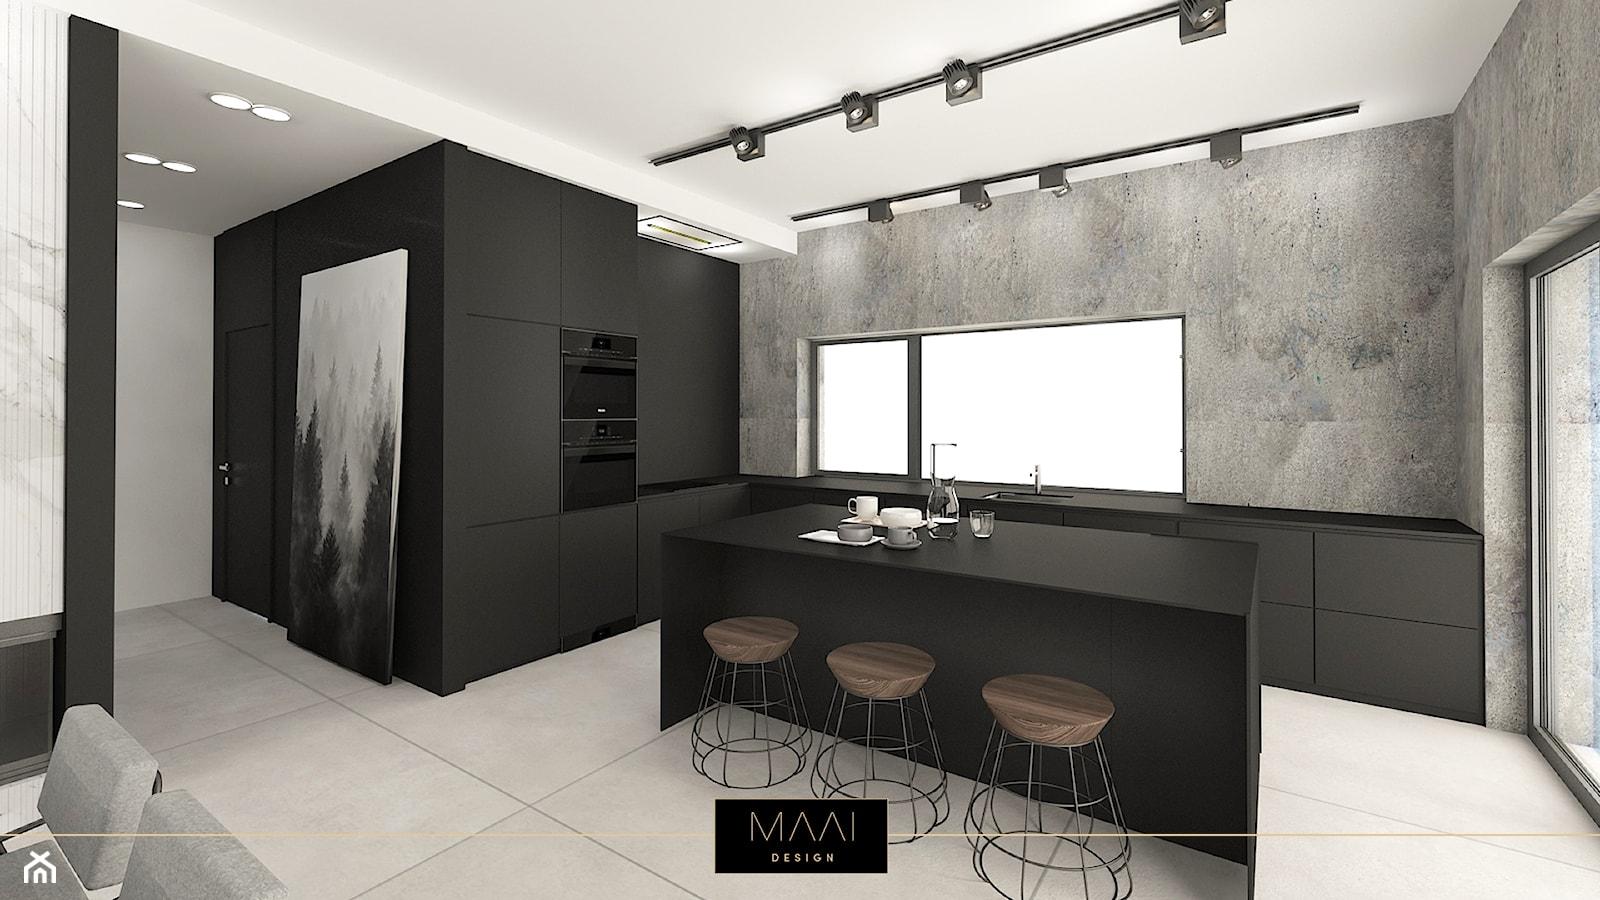 NOWOCZESNY DOM 200m2 – STARA WIEś - Duża szara czarna kuchnia w kształcie litery l w aneksie z wyspą z oknem, styl nowoczesny - zdjęcie od MAAI Design - Homebook